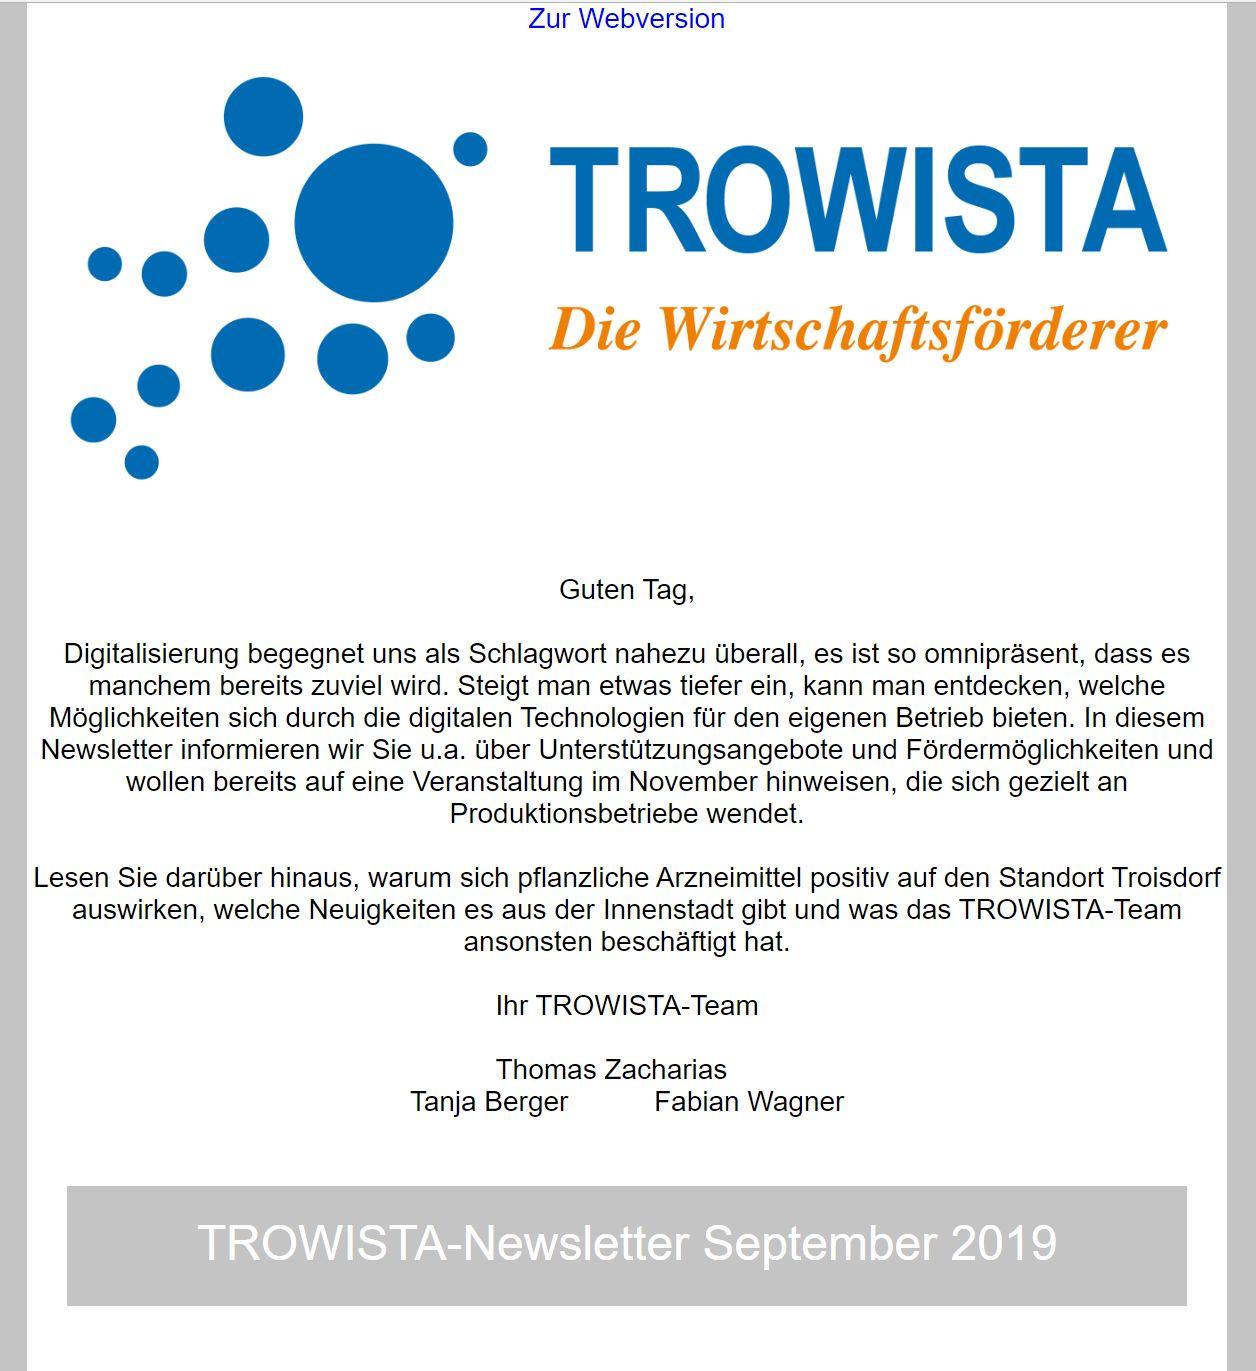 Trowista